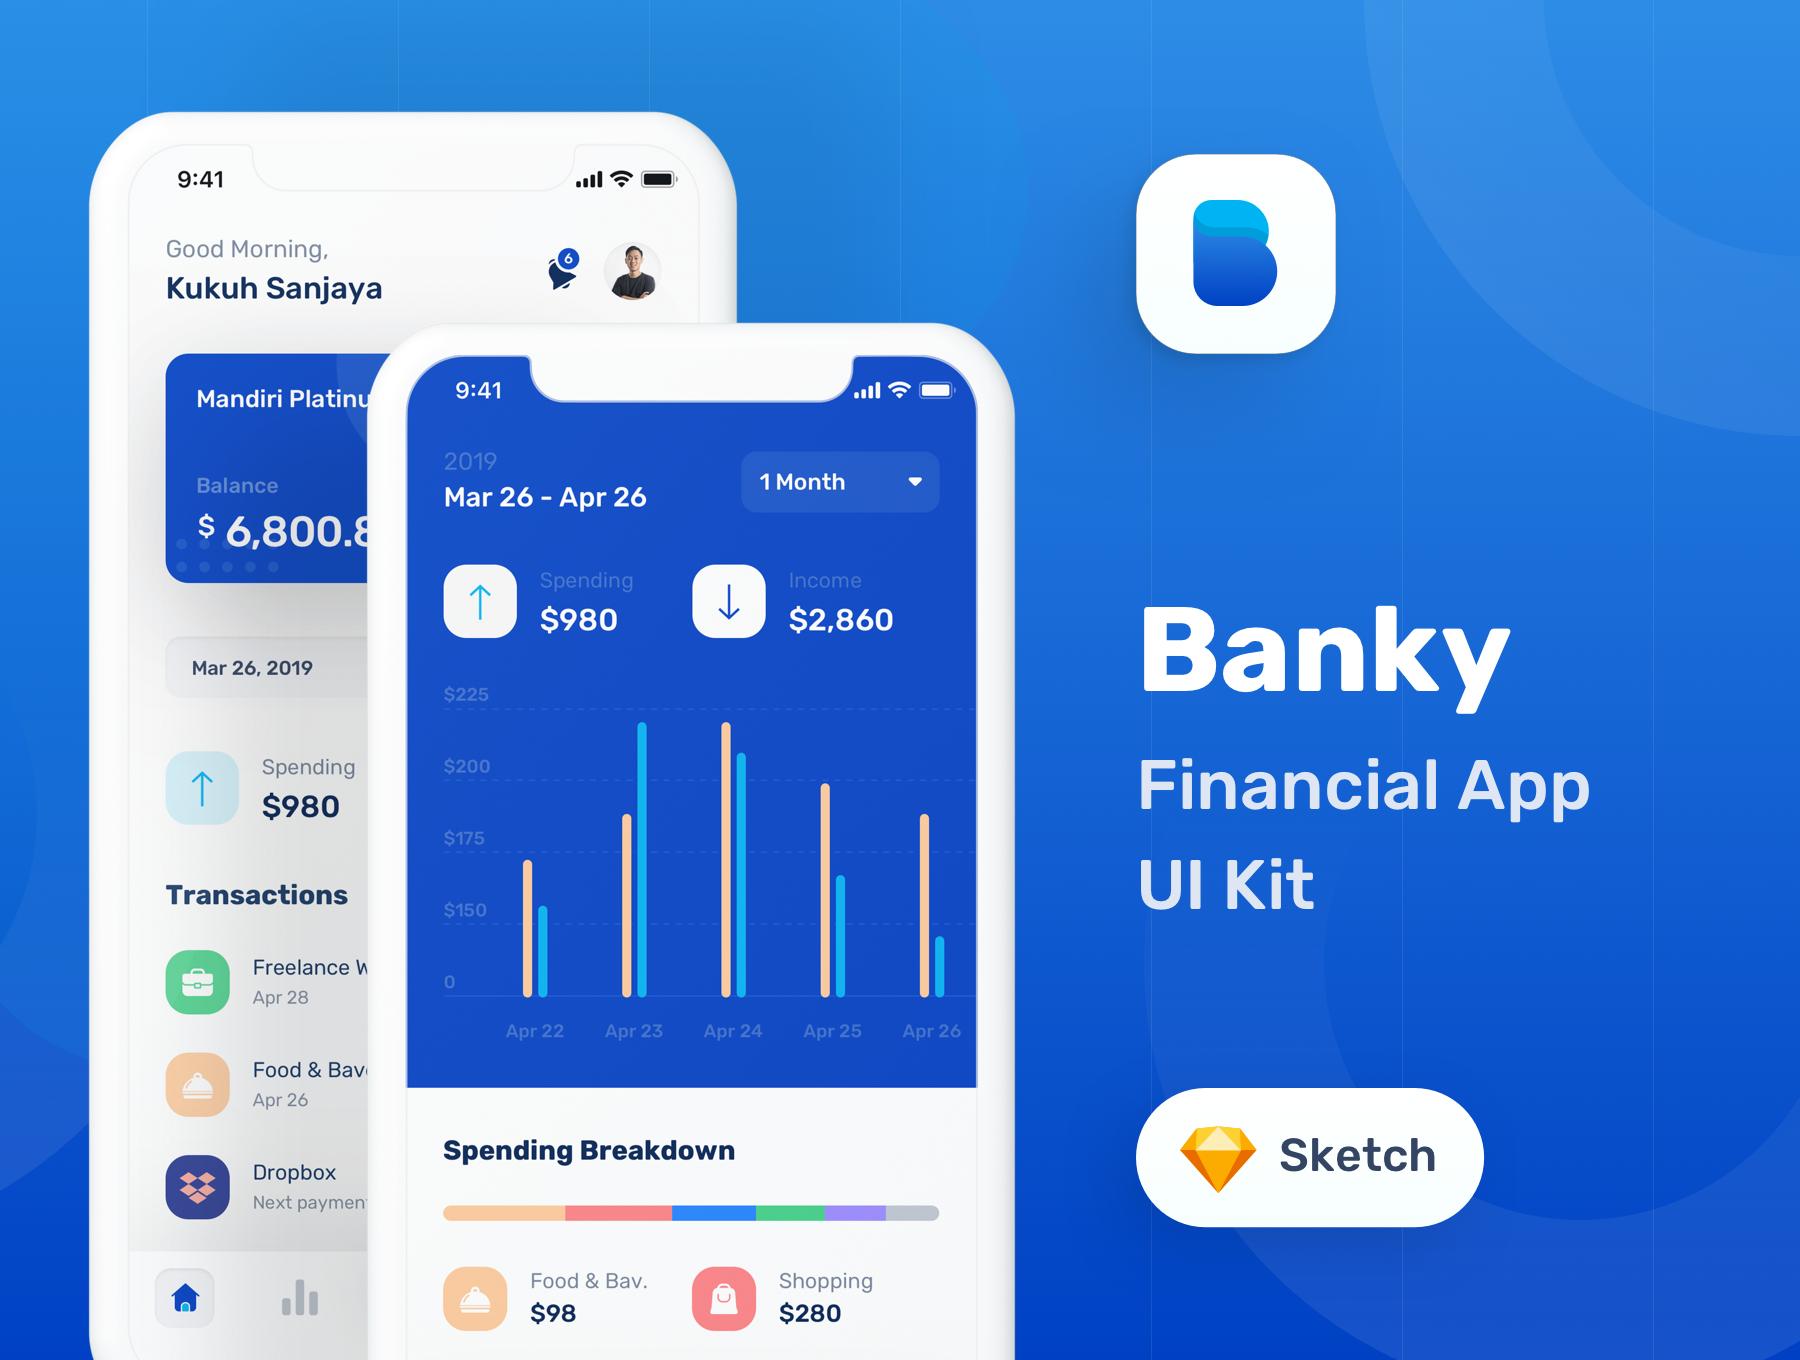 蓝色调金融银行财务管理APP应用程序UI界面设计套件 Banky – Finance App UI Kit插图